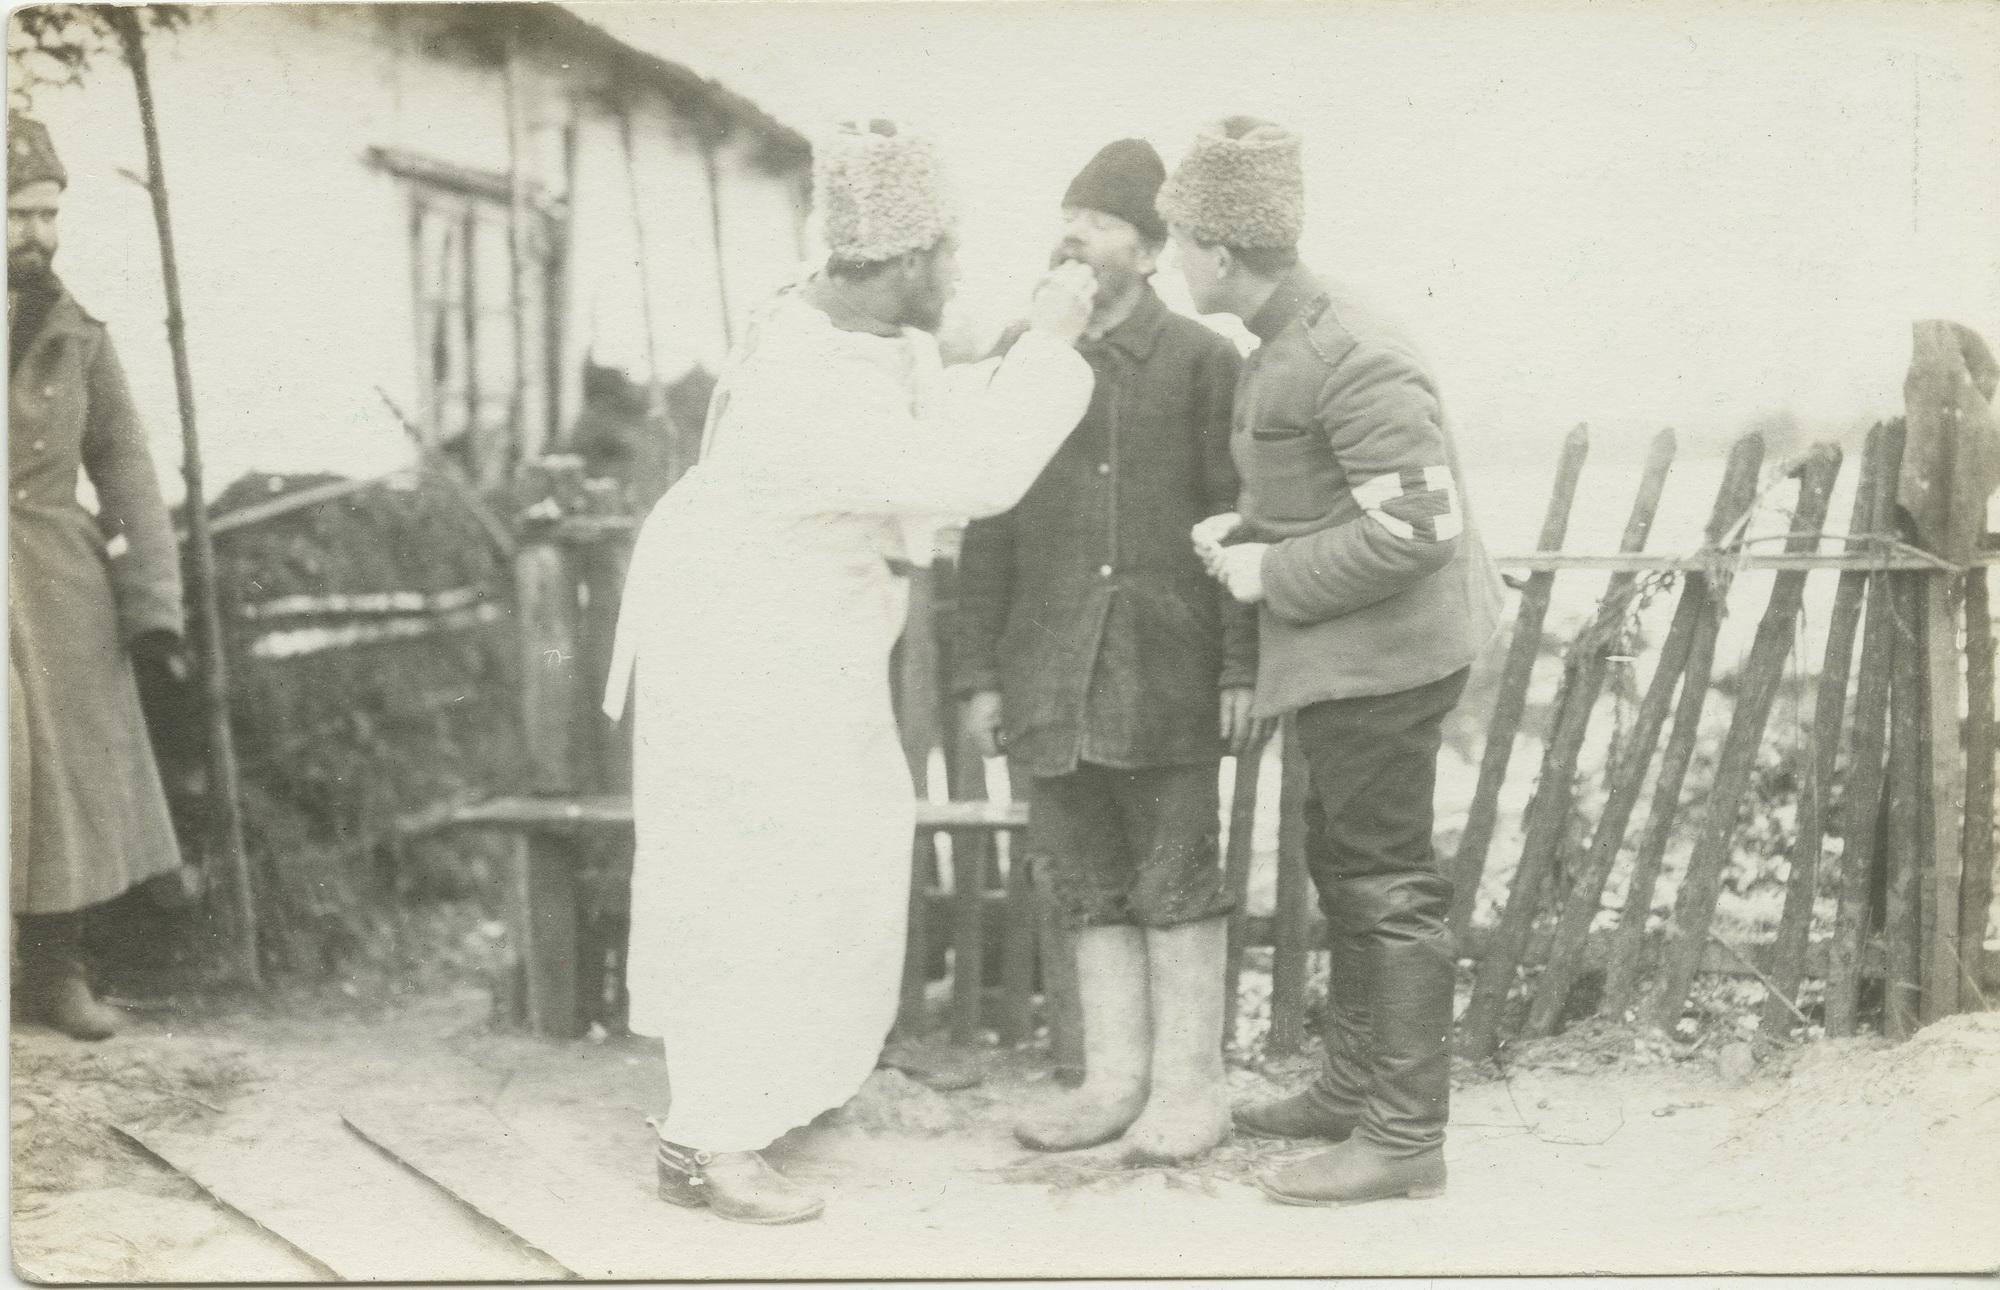 1915. Медицинская помощь мирному населению. 26 января